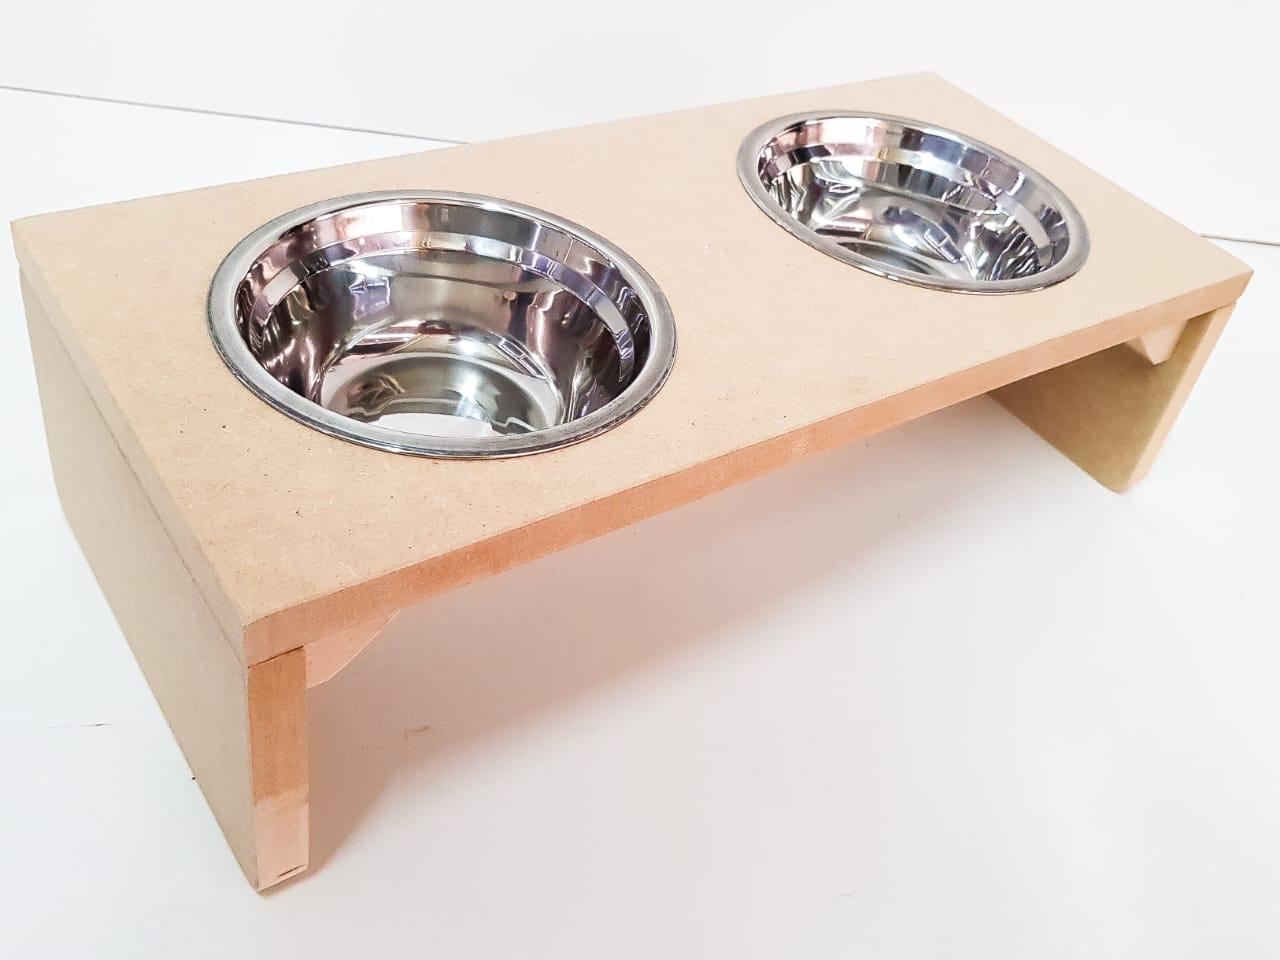 Comedouro Gato e Cachorro - Comedouro  Duplo Para Cachorro E Gato Em Mdf 15mm Com Potinho 300ml